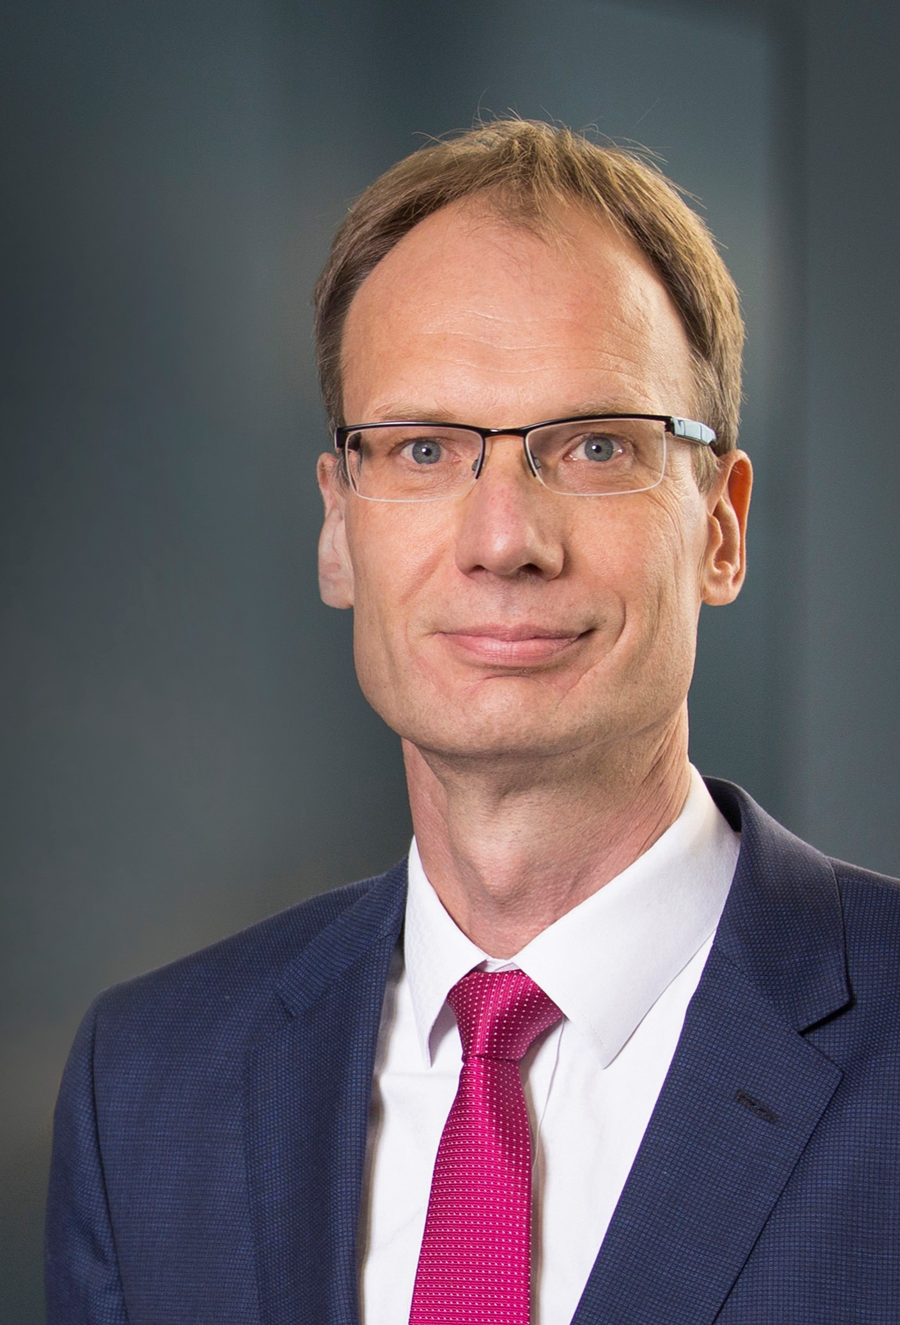 Ông Michael Lohscheller sẽ làm việc tại Việt Nam, trực tiếp quản lý và điều hành các thị trường của VinFast hiện nay.